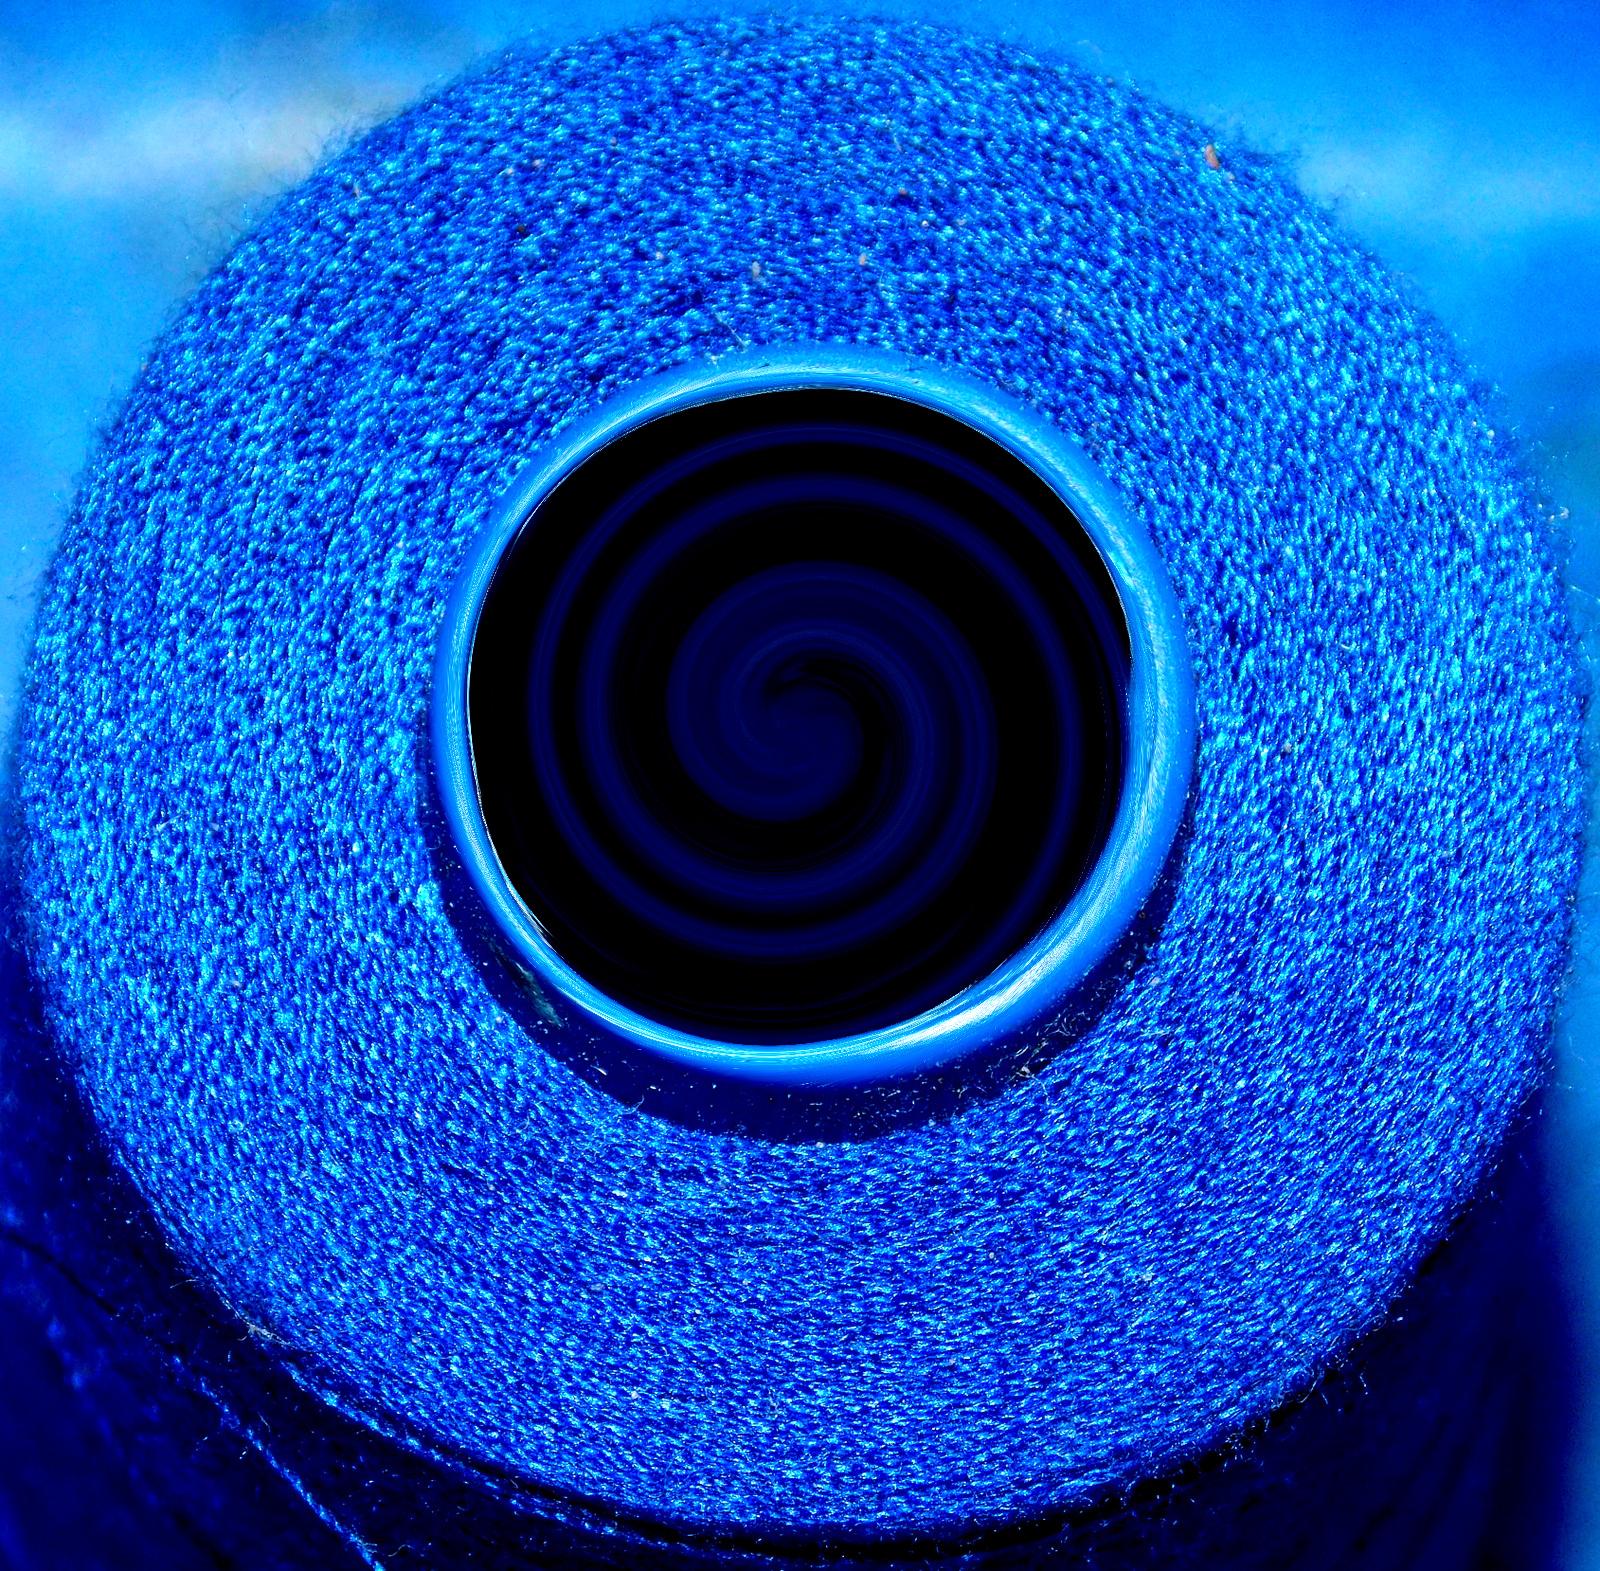 Le fil bleu .